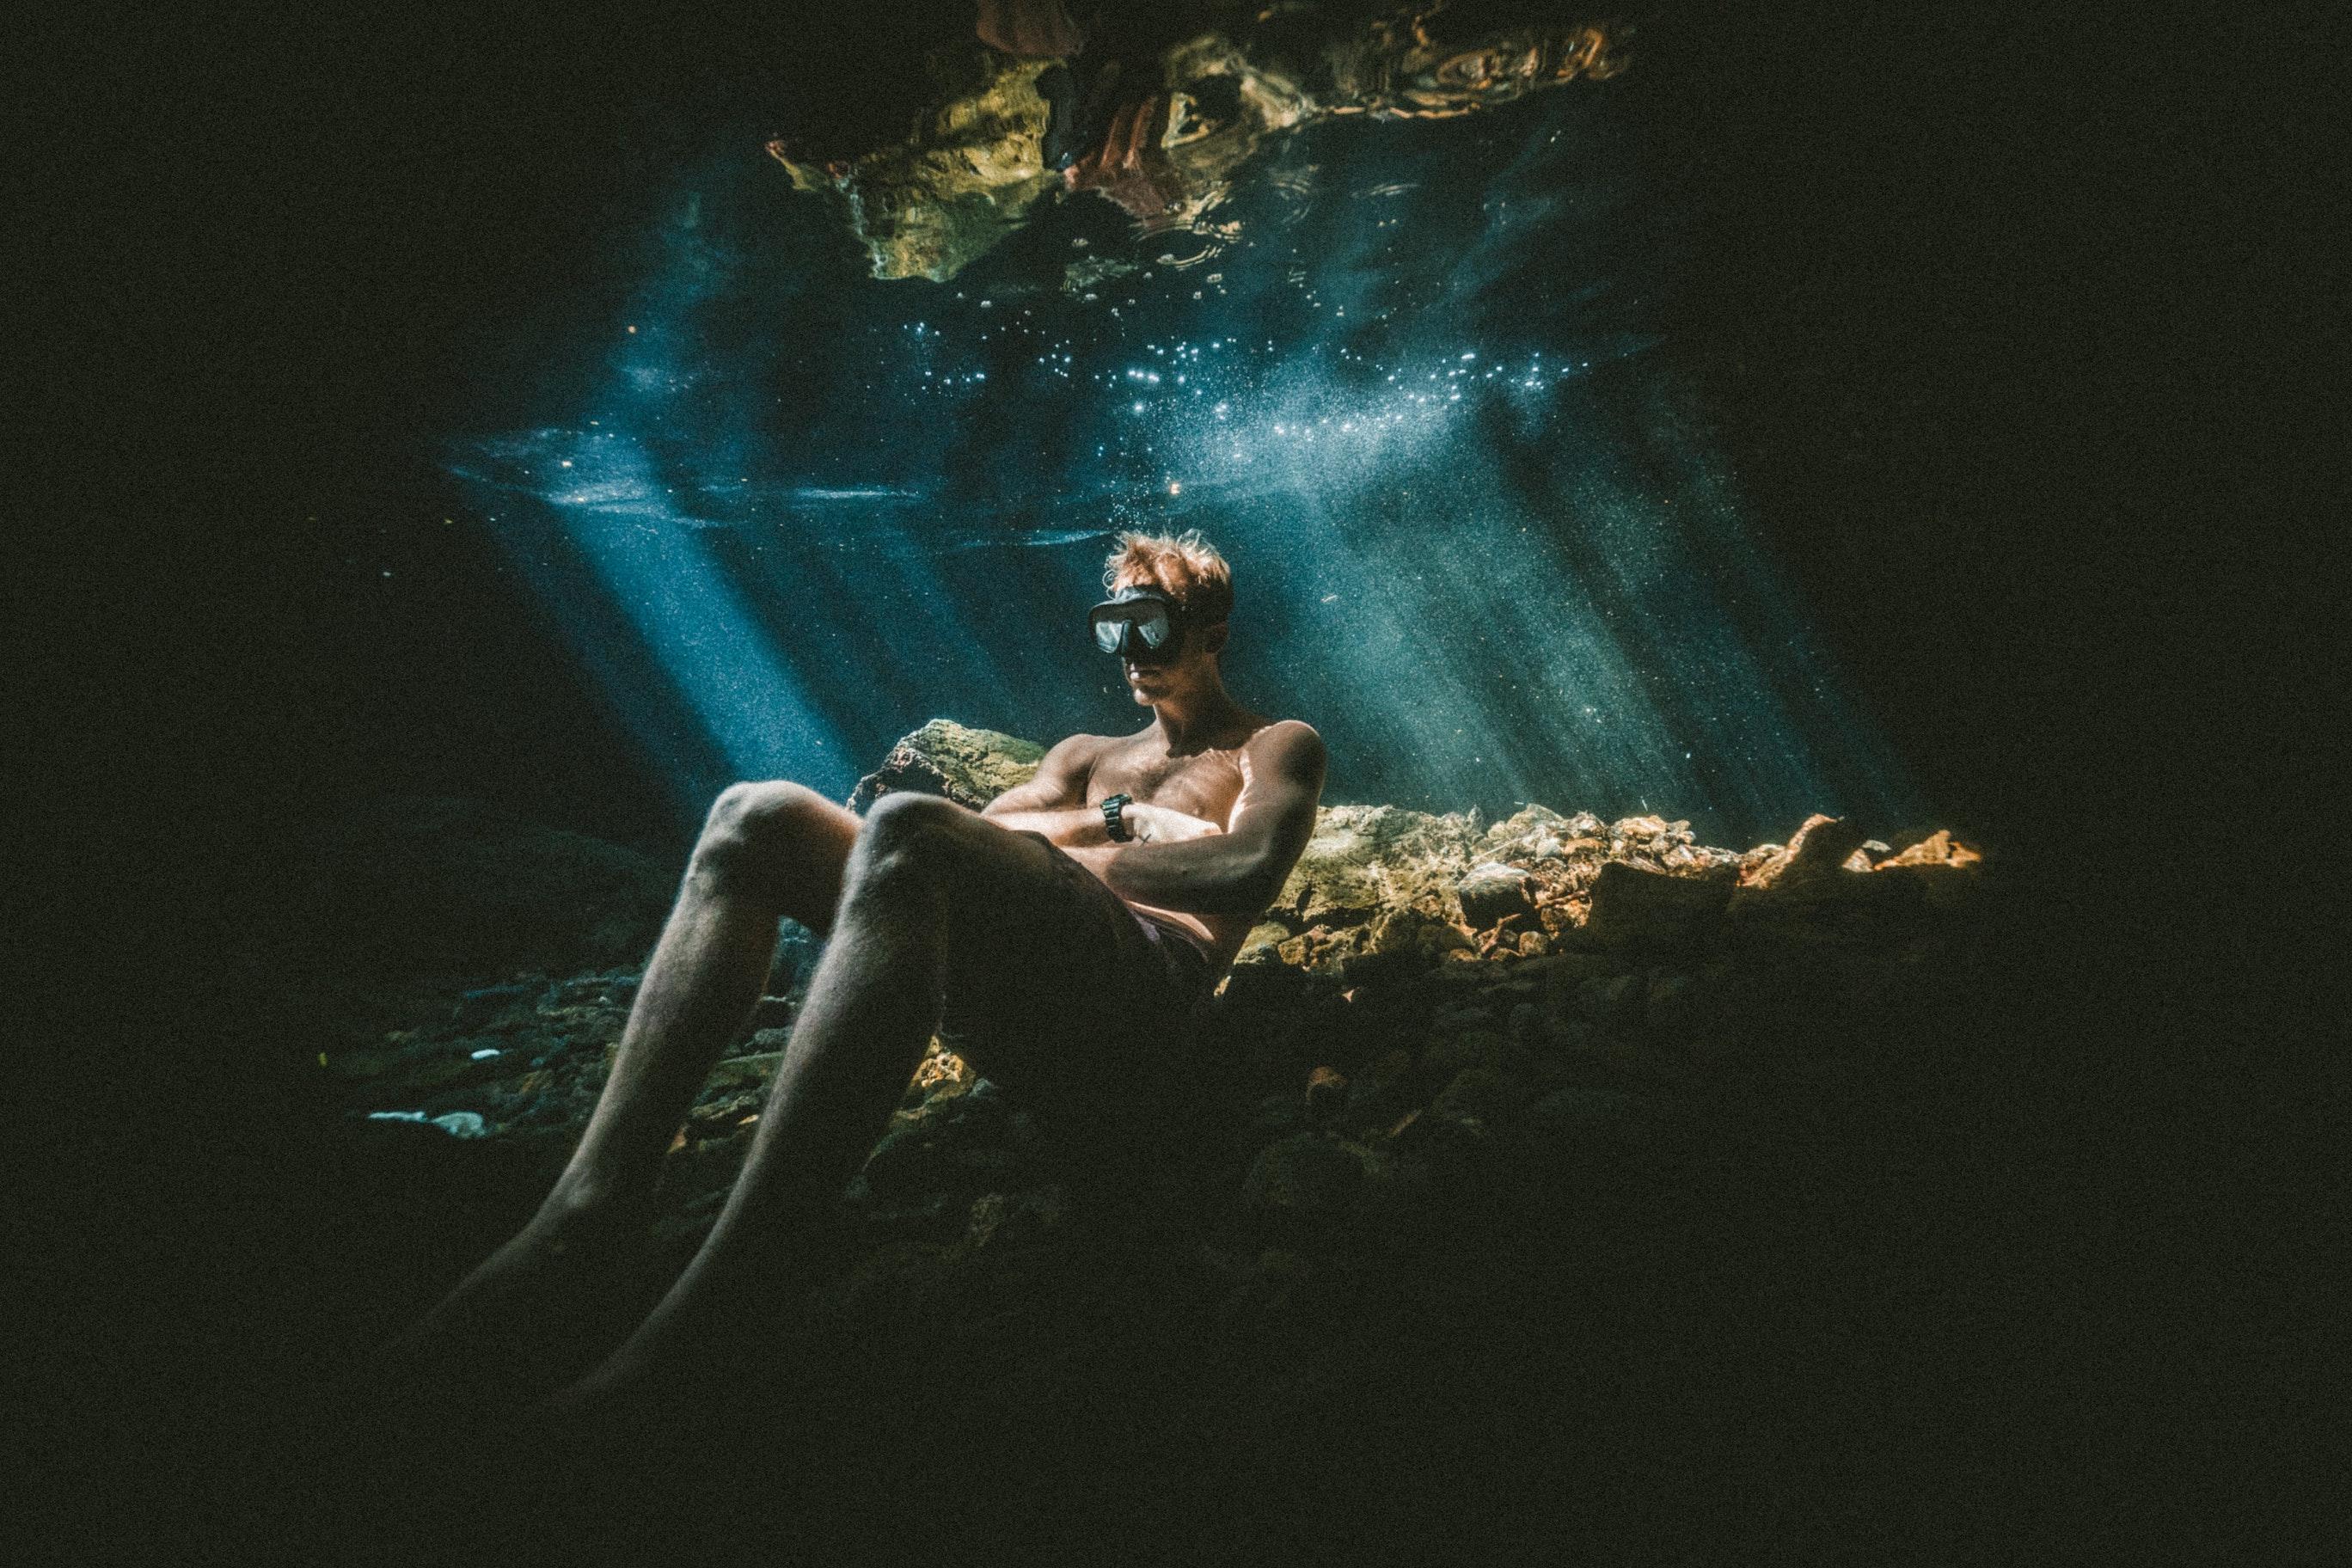 Hombre con gafas de buceo sentado en la roca debajo del agua